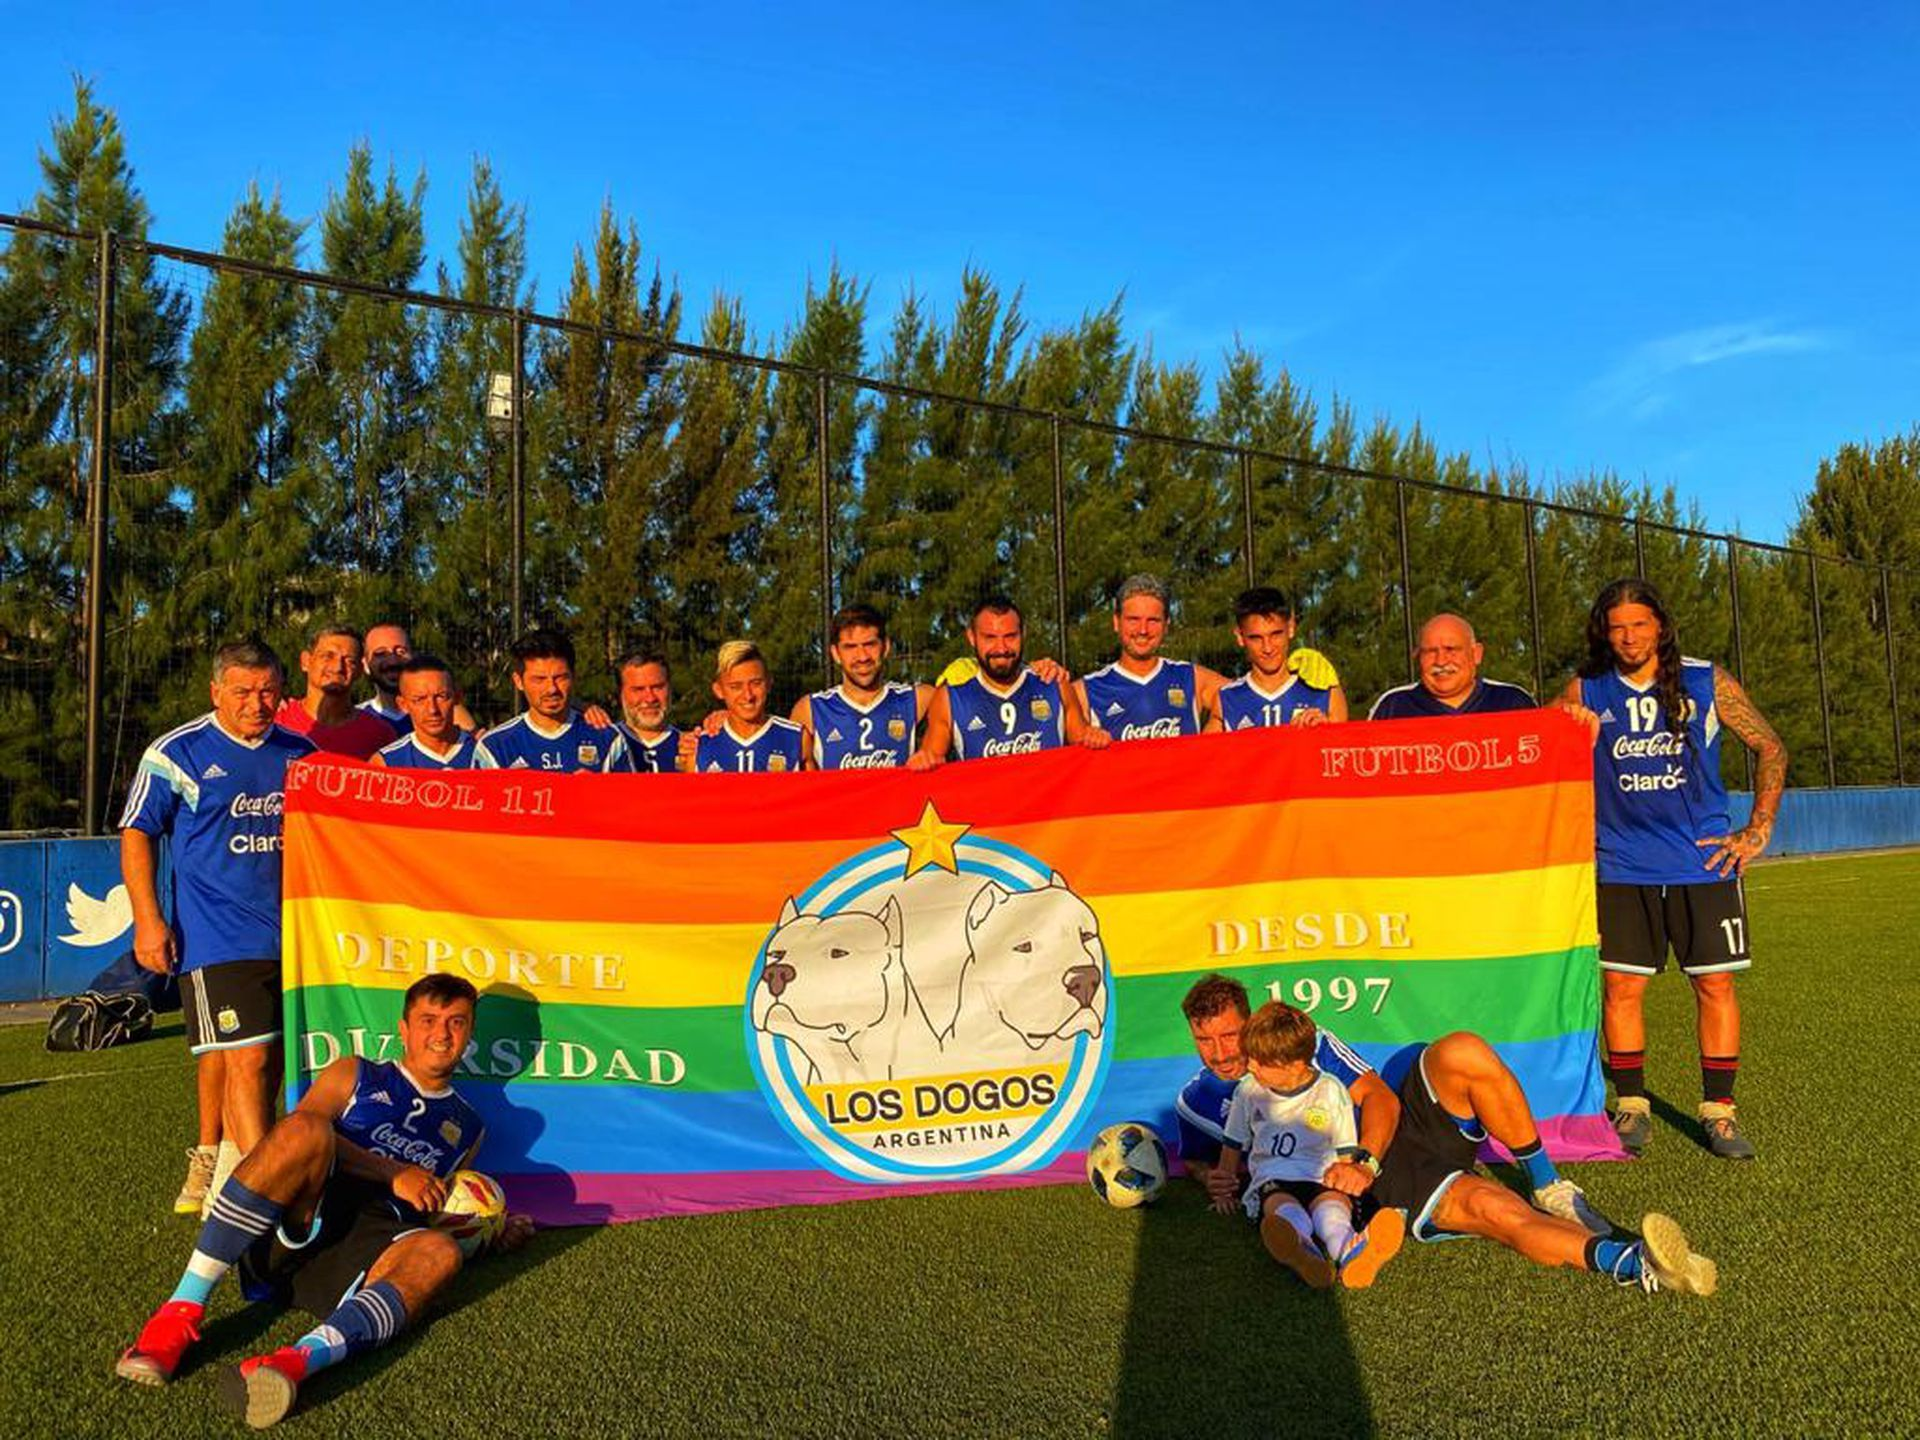 Orgullosos y argentinos: Los Dogos serán anfitriones del mundial de fútbol gay